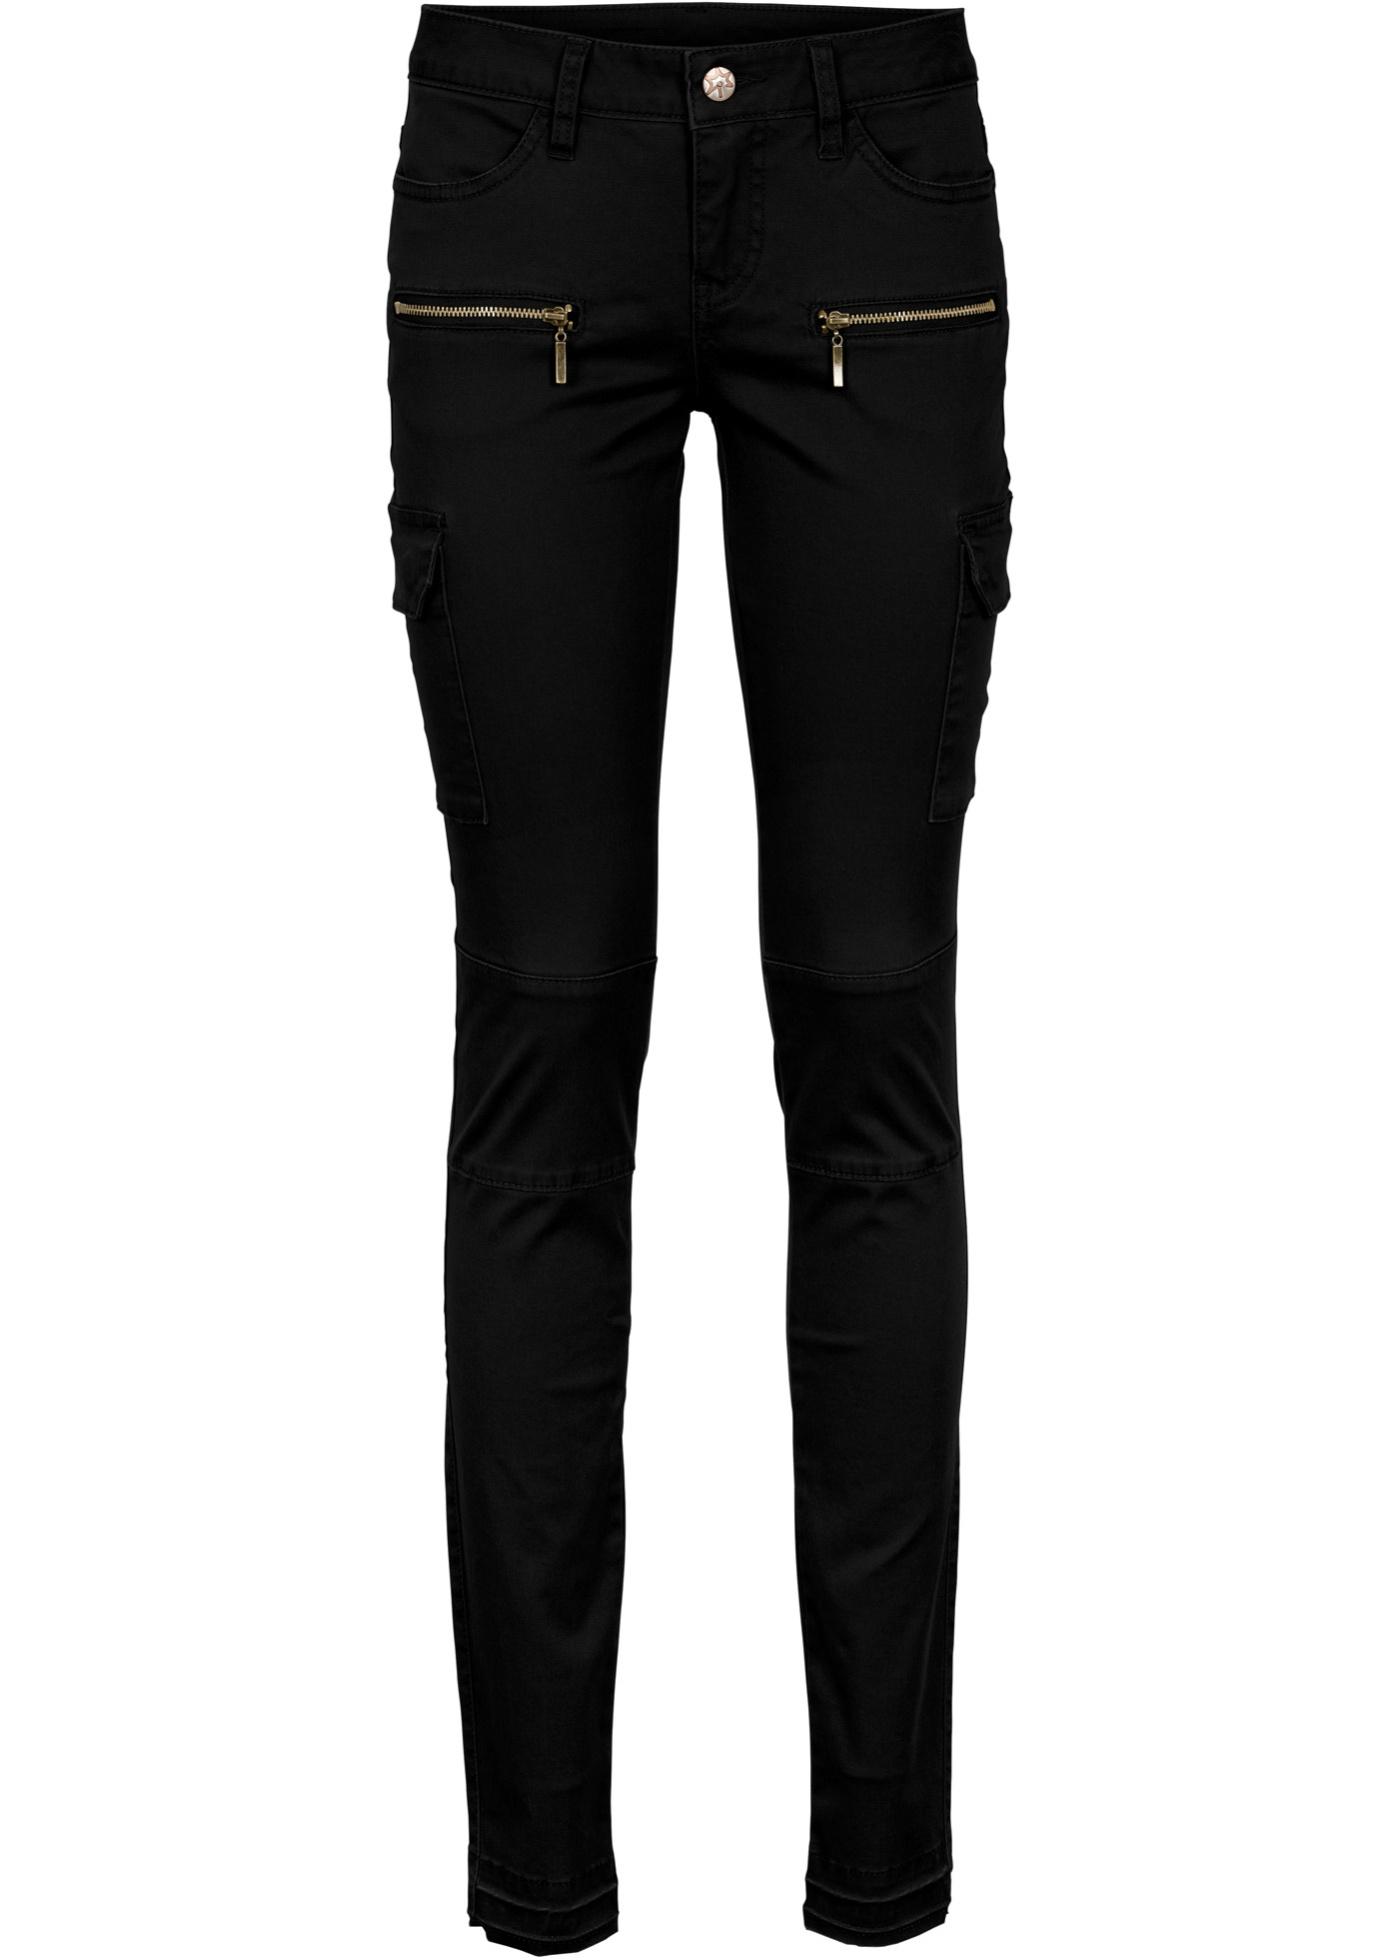 Kargo kalhoty, Skinny - Černá